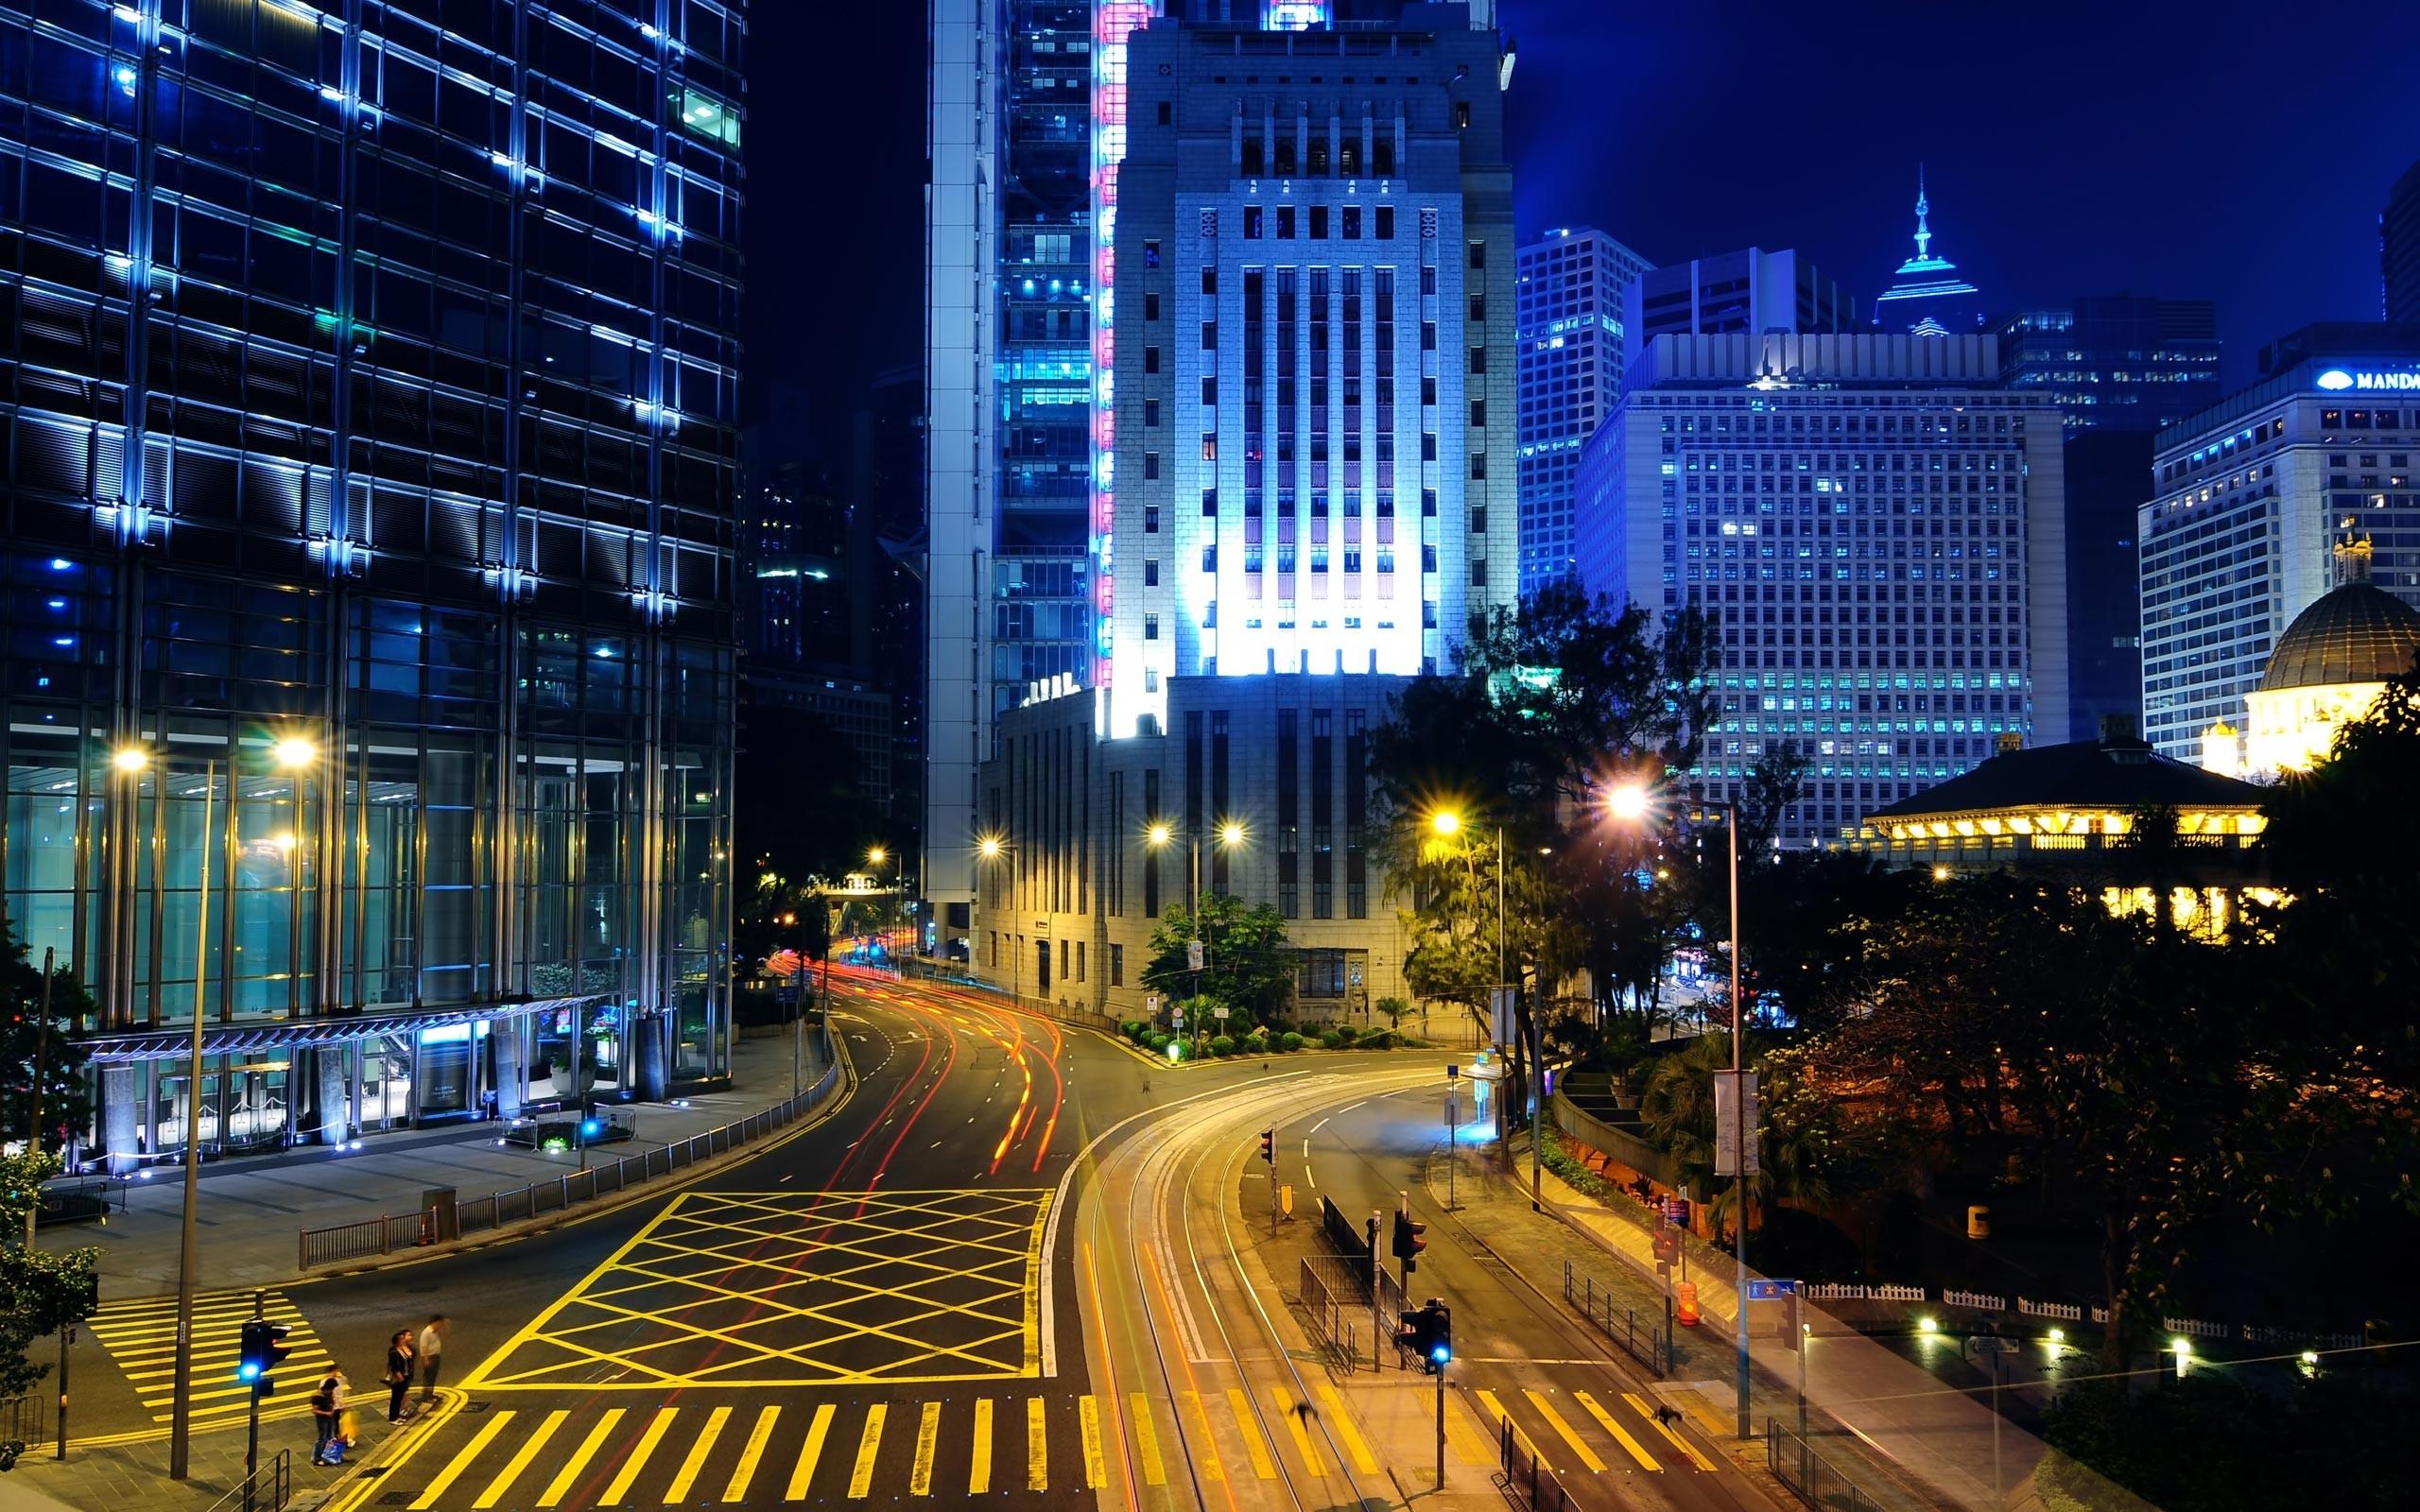 российский ночь город картинки красивые украсить сумку своими